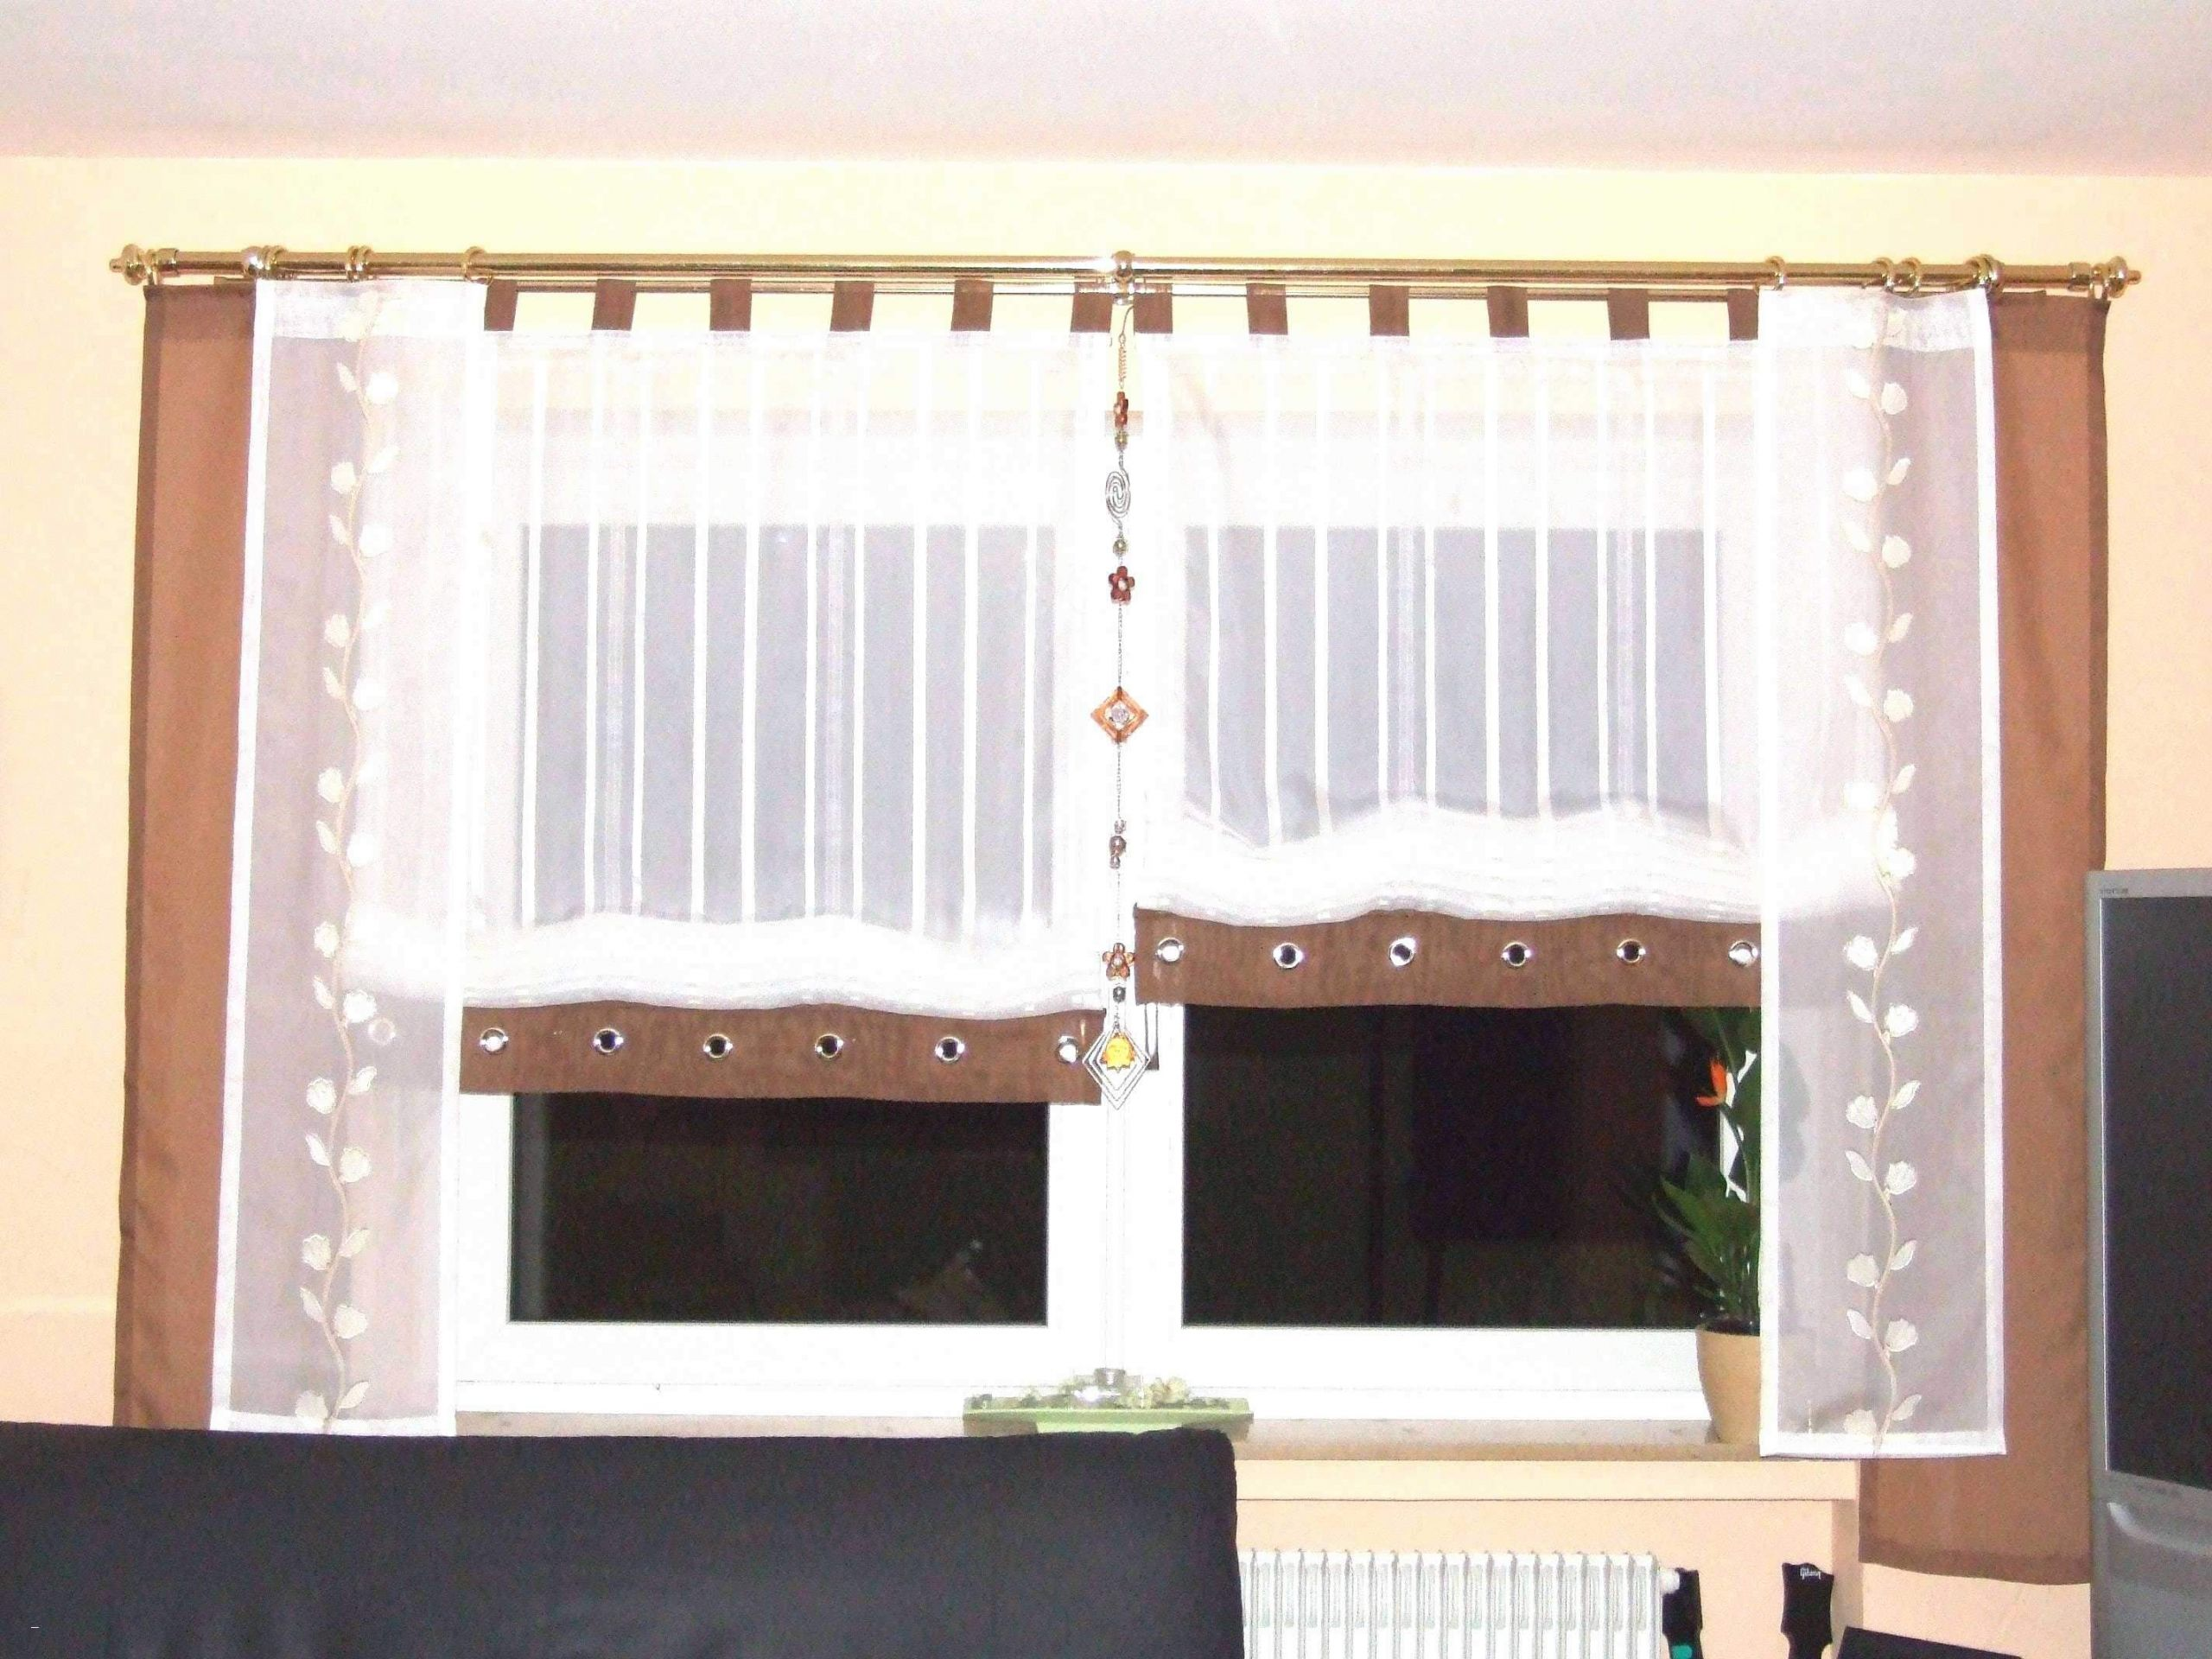 Full Size of Edle Gardinen Wohnzimmer 27 Einzigartig Genial Frisch Deckenlampen Modern Deckenleuchte Wandbild Lampe Stehlampe Vorhänge Led Rollo Hängelampe Tischlampe Wohnzimmer Edle Gardinen Wohnzimmer